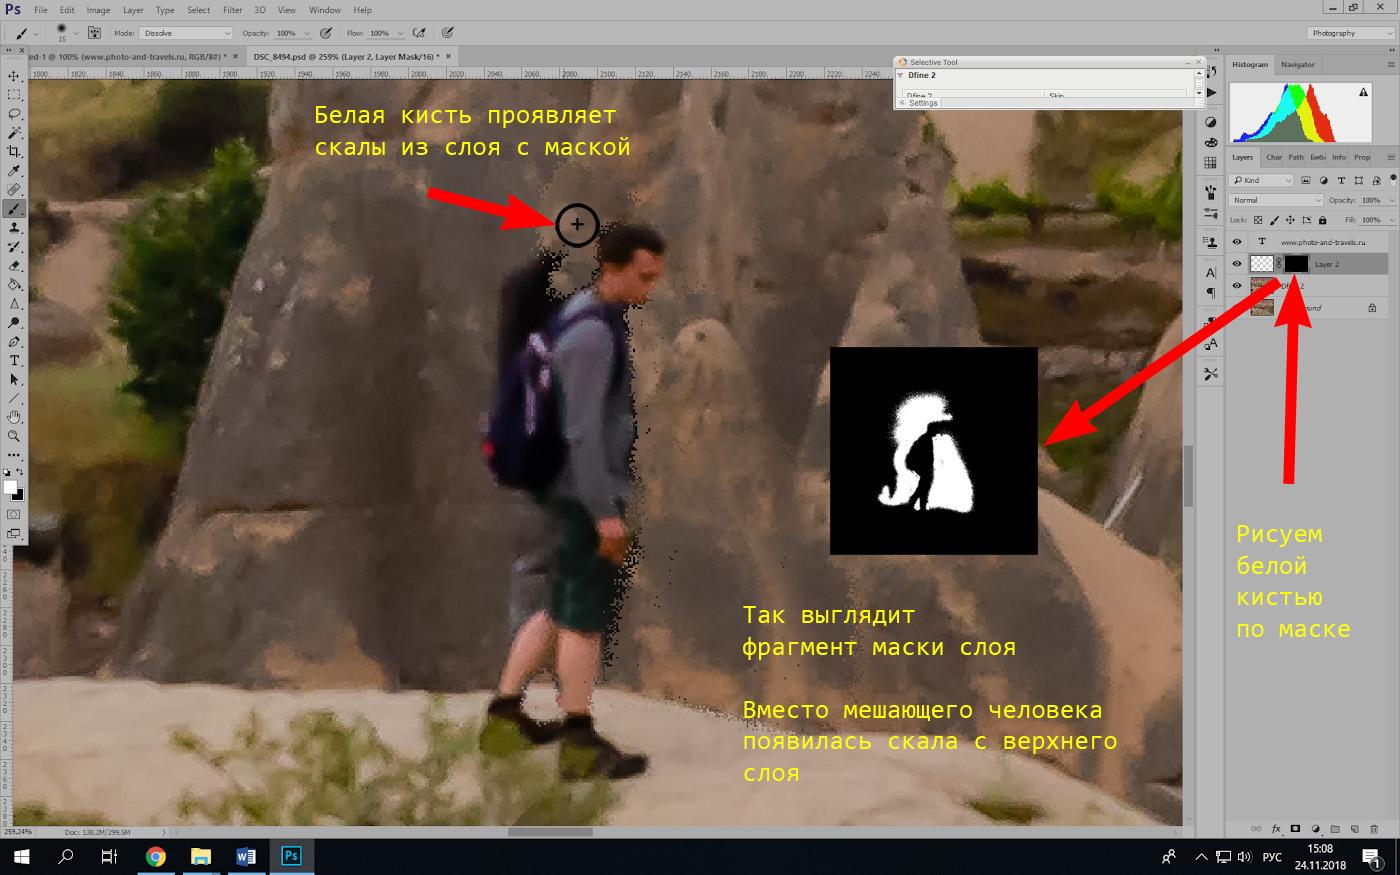 Фото 6. Как я удалял объекты с помощью «Layer Mask» (Маска слоя) в редакторе Photoshop.